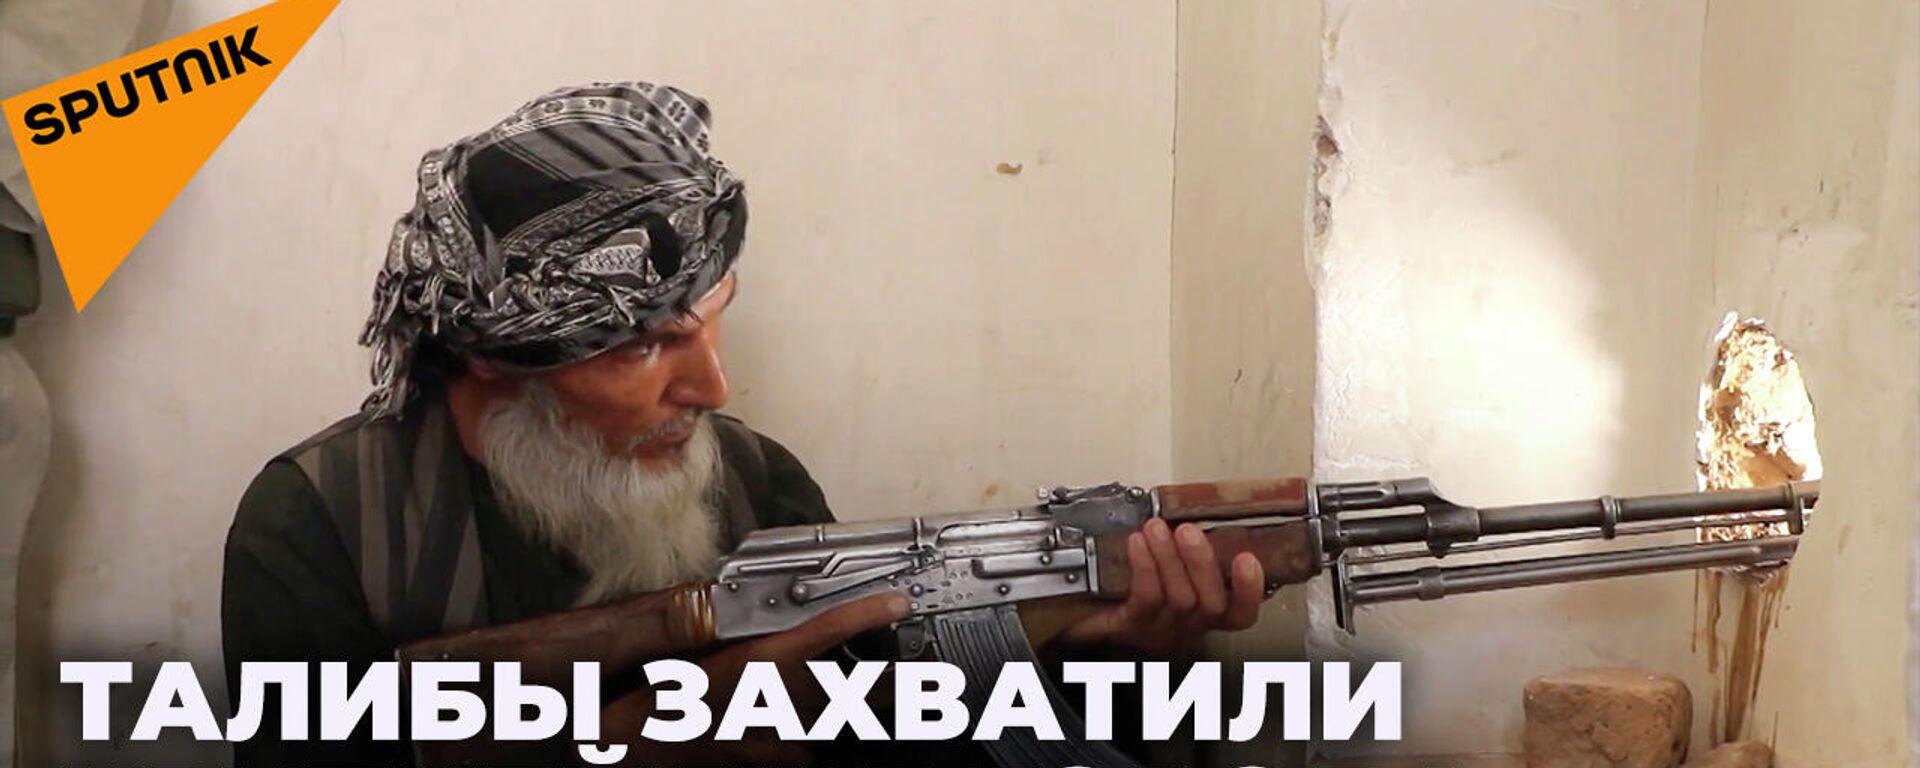 Талибы захватывают все новые города в Афганистане - Sputnik Узбекистан, 1920, 14.08.2021